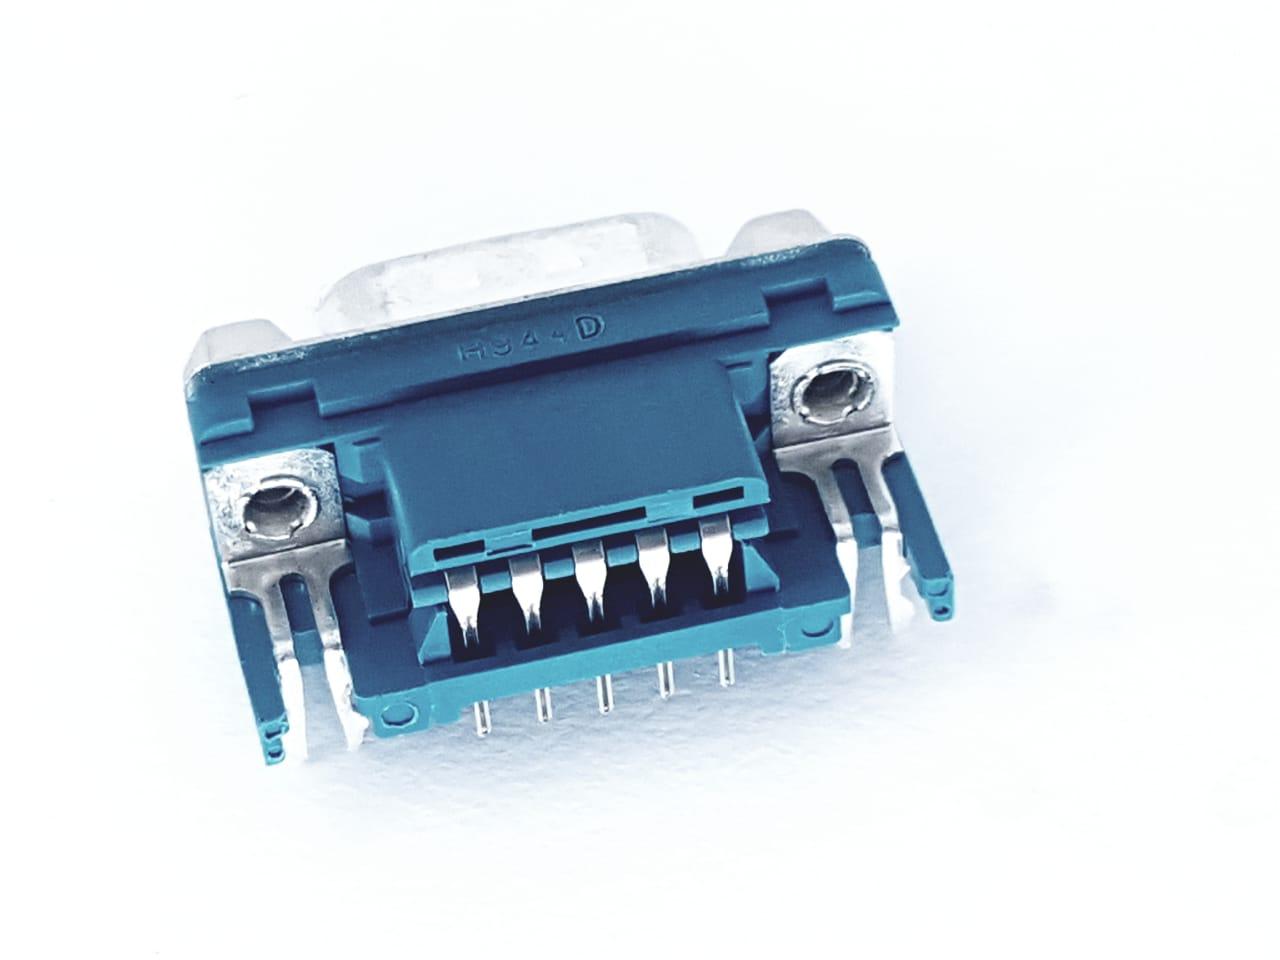 10 peças Conector DB9 Macho 90° para Solda Placa